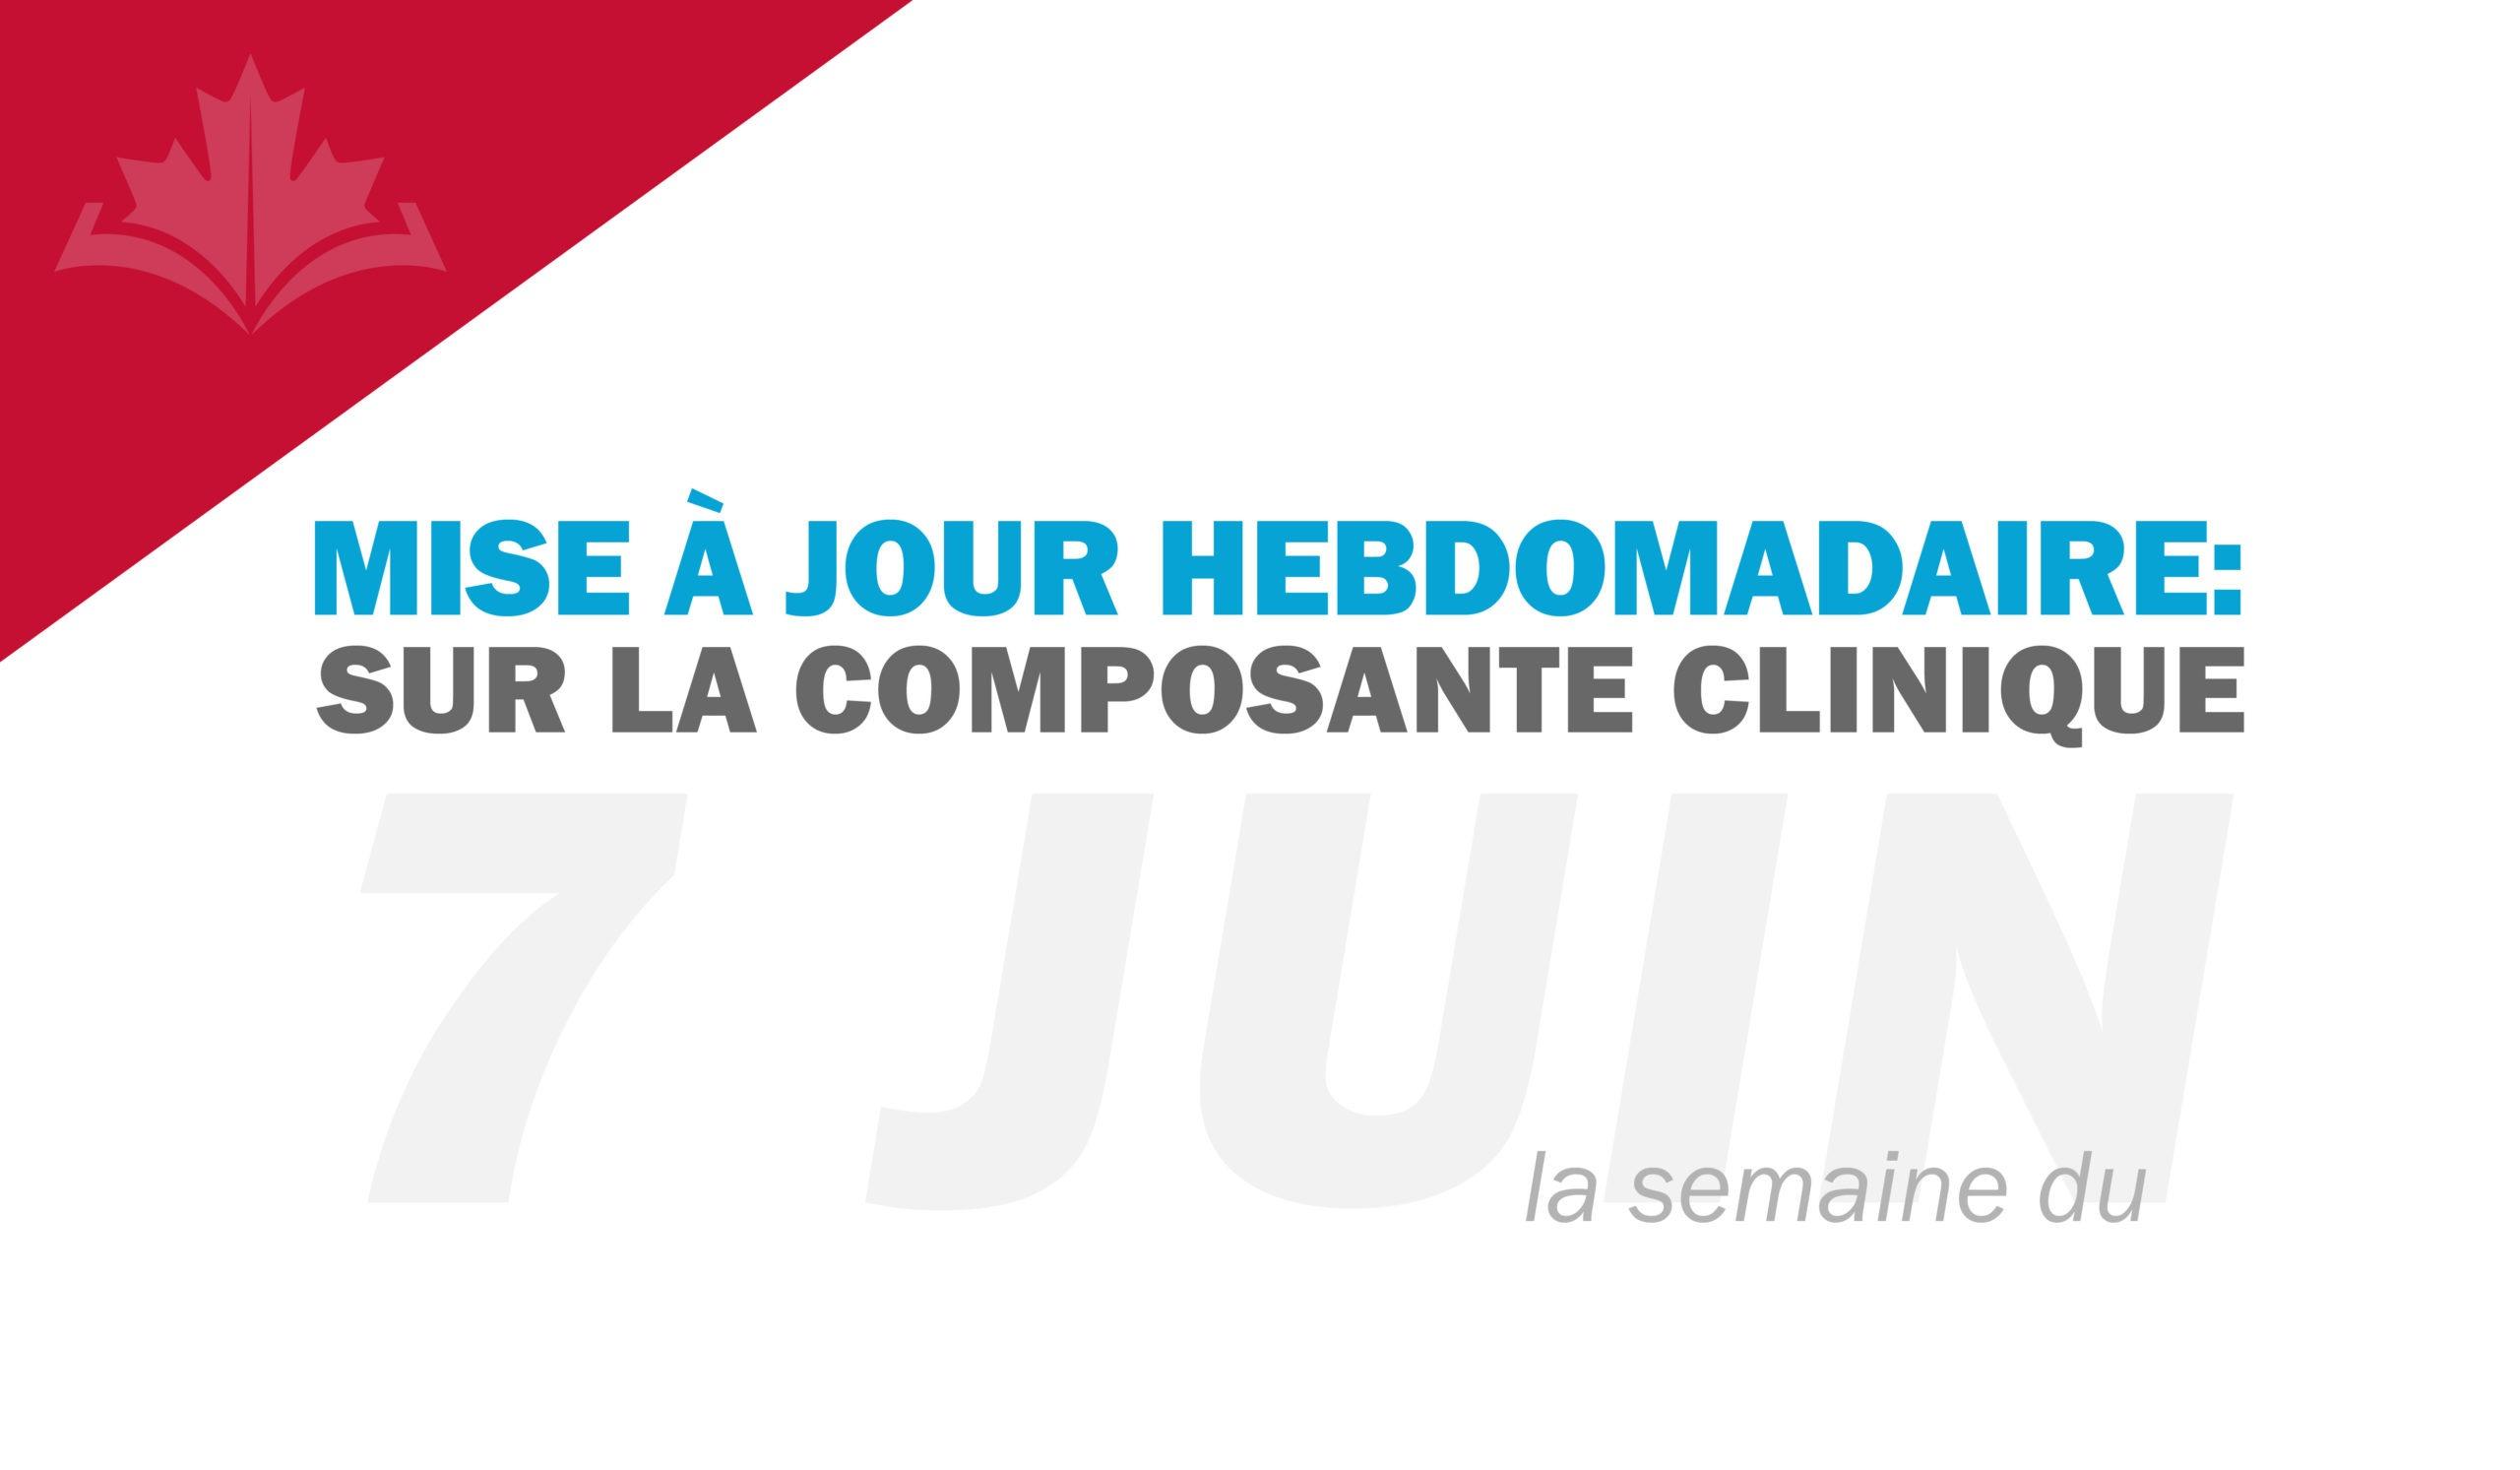 Mise à jour hebdomadaire sur la composante clinique : semaine du 7 juin